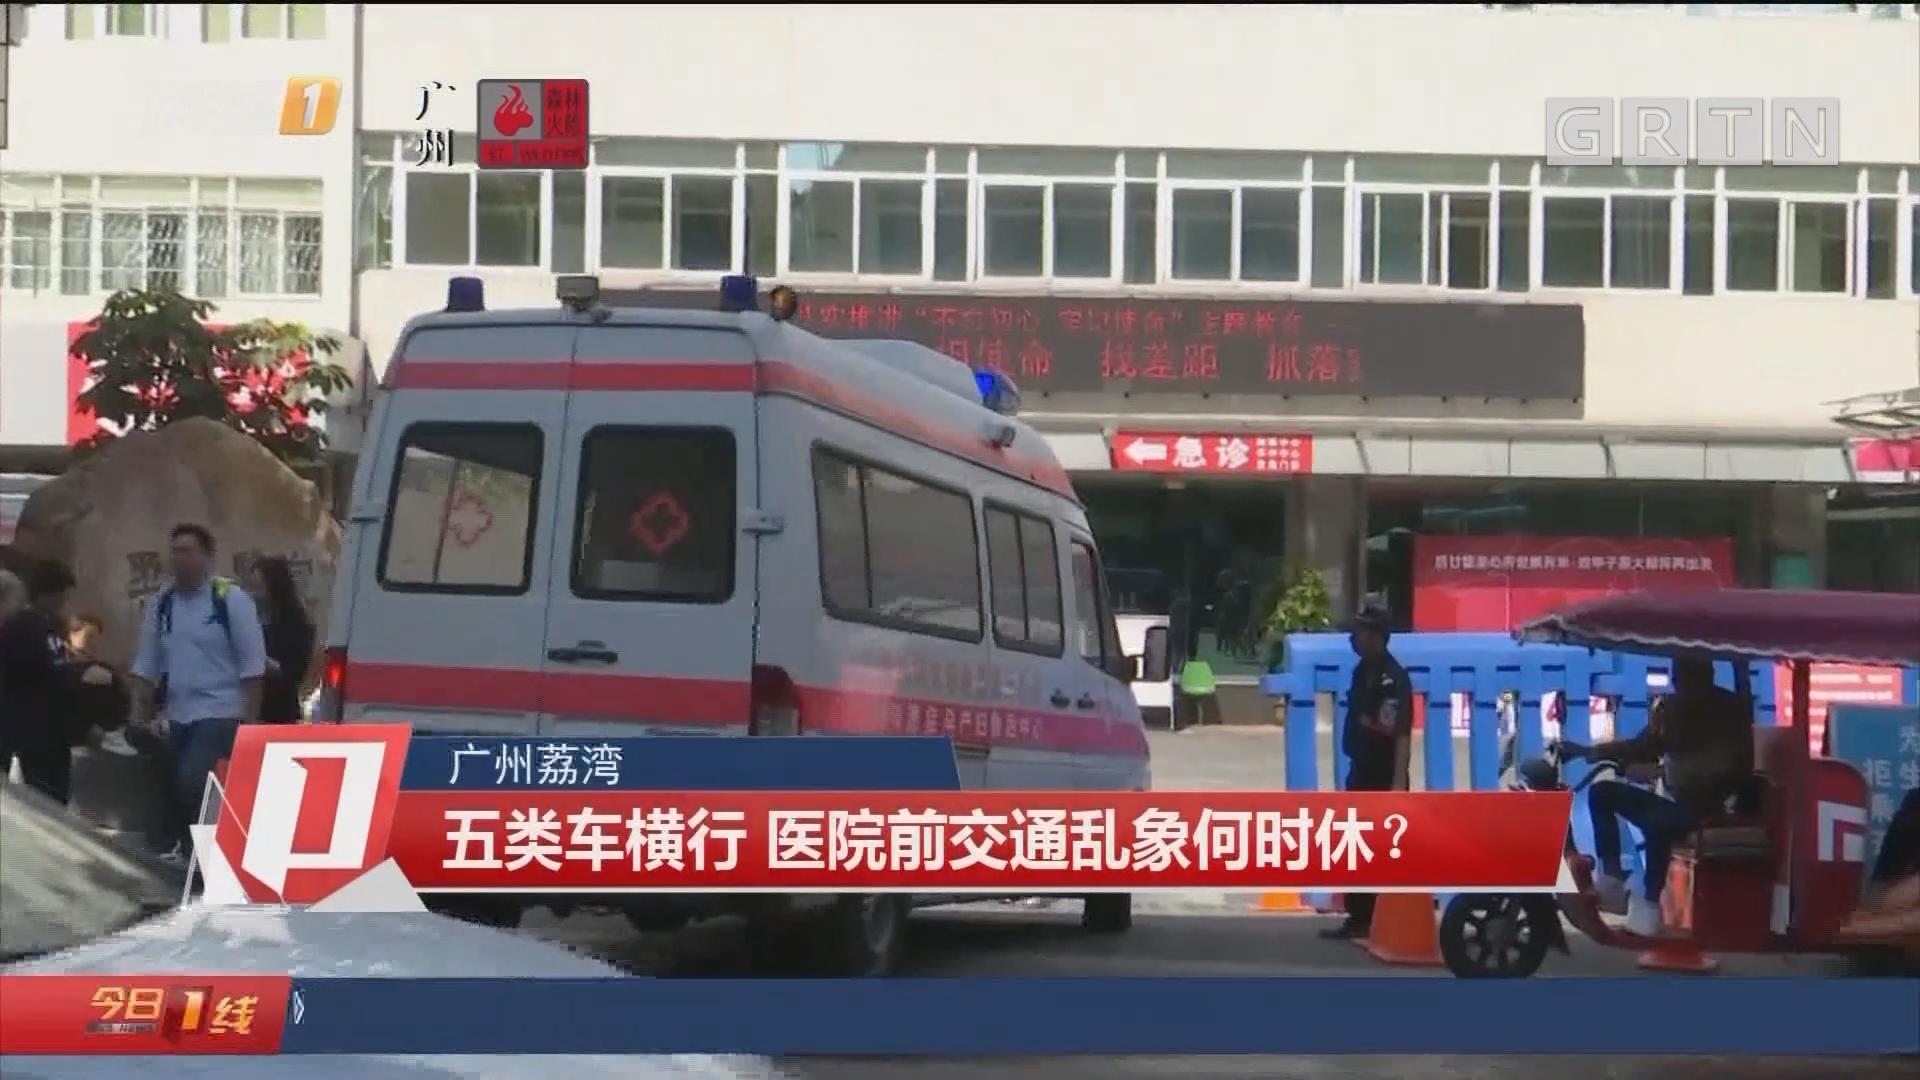 广州荔湾 五类车横行 医院前交通乱象何时休?